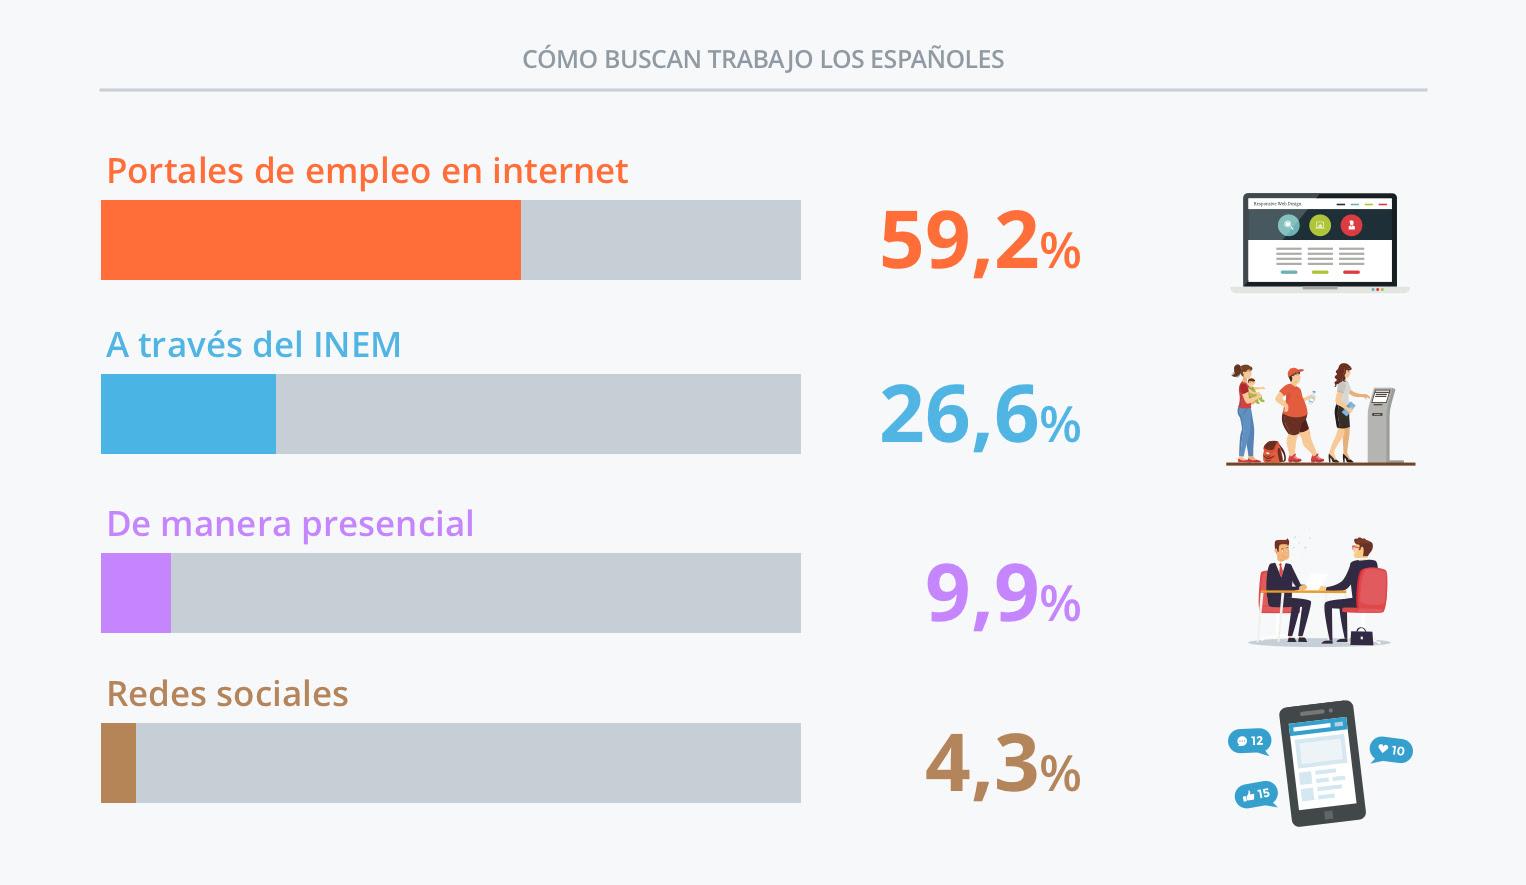 La búsqueda de empleo en las oficinas del Inem es usada por sólo un 26,6 por ciento de los españoles.